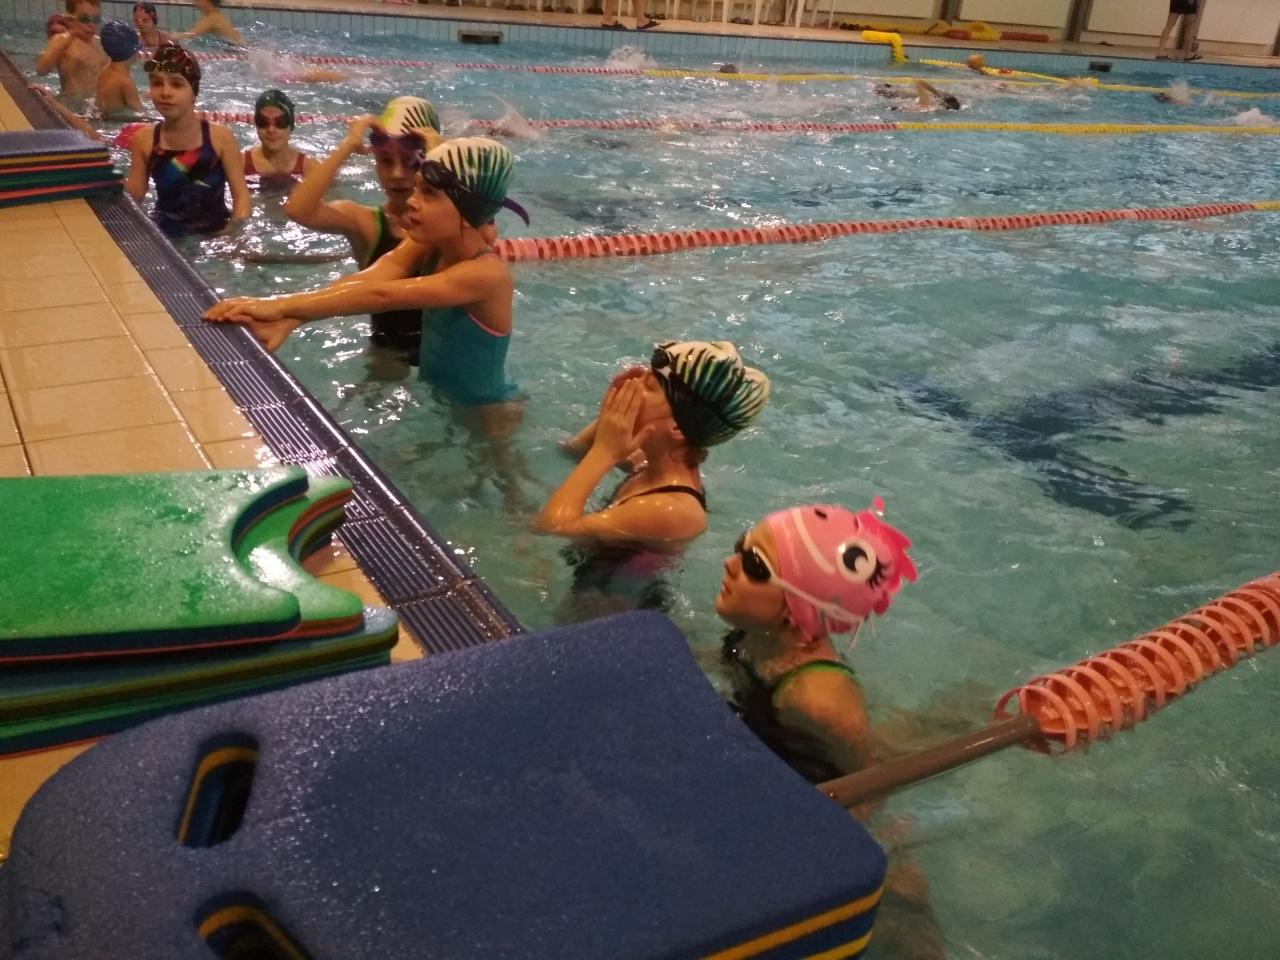 Úszni jó - sporteszközöket kaptak a Sportcentrum legkisebb úszói